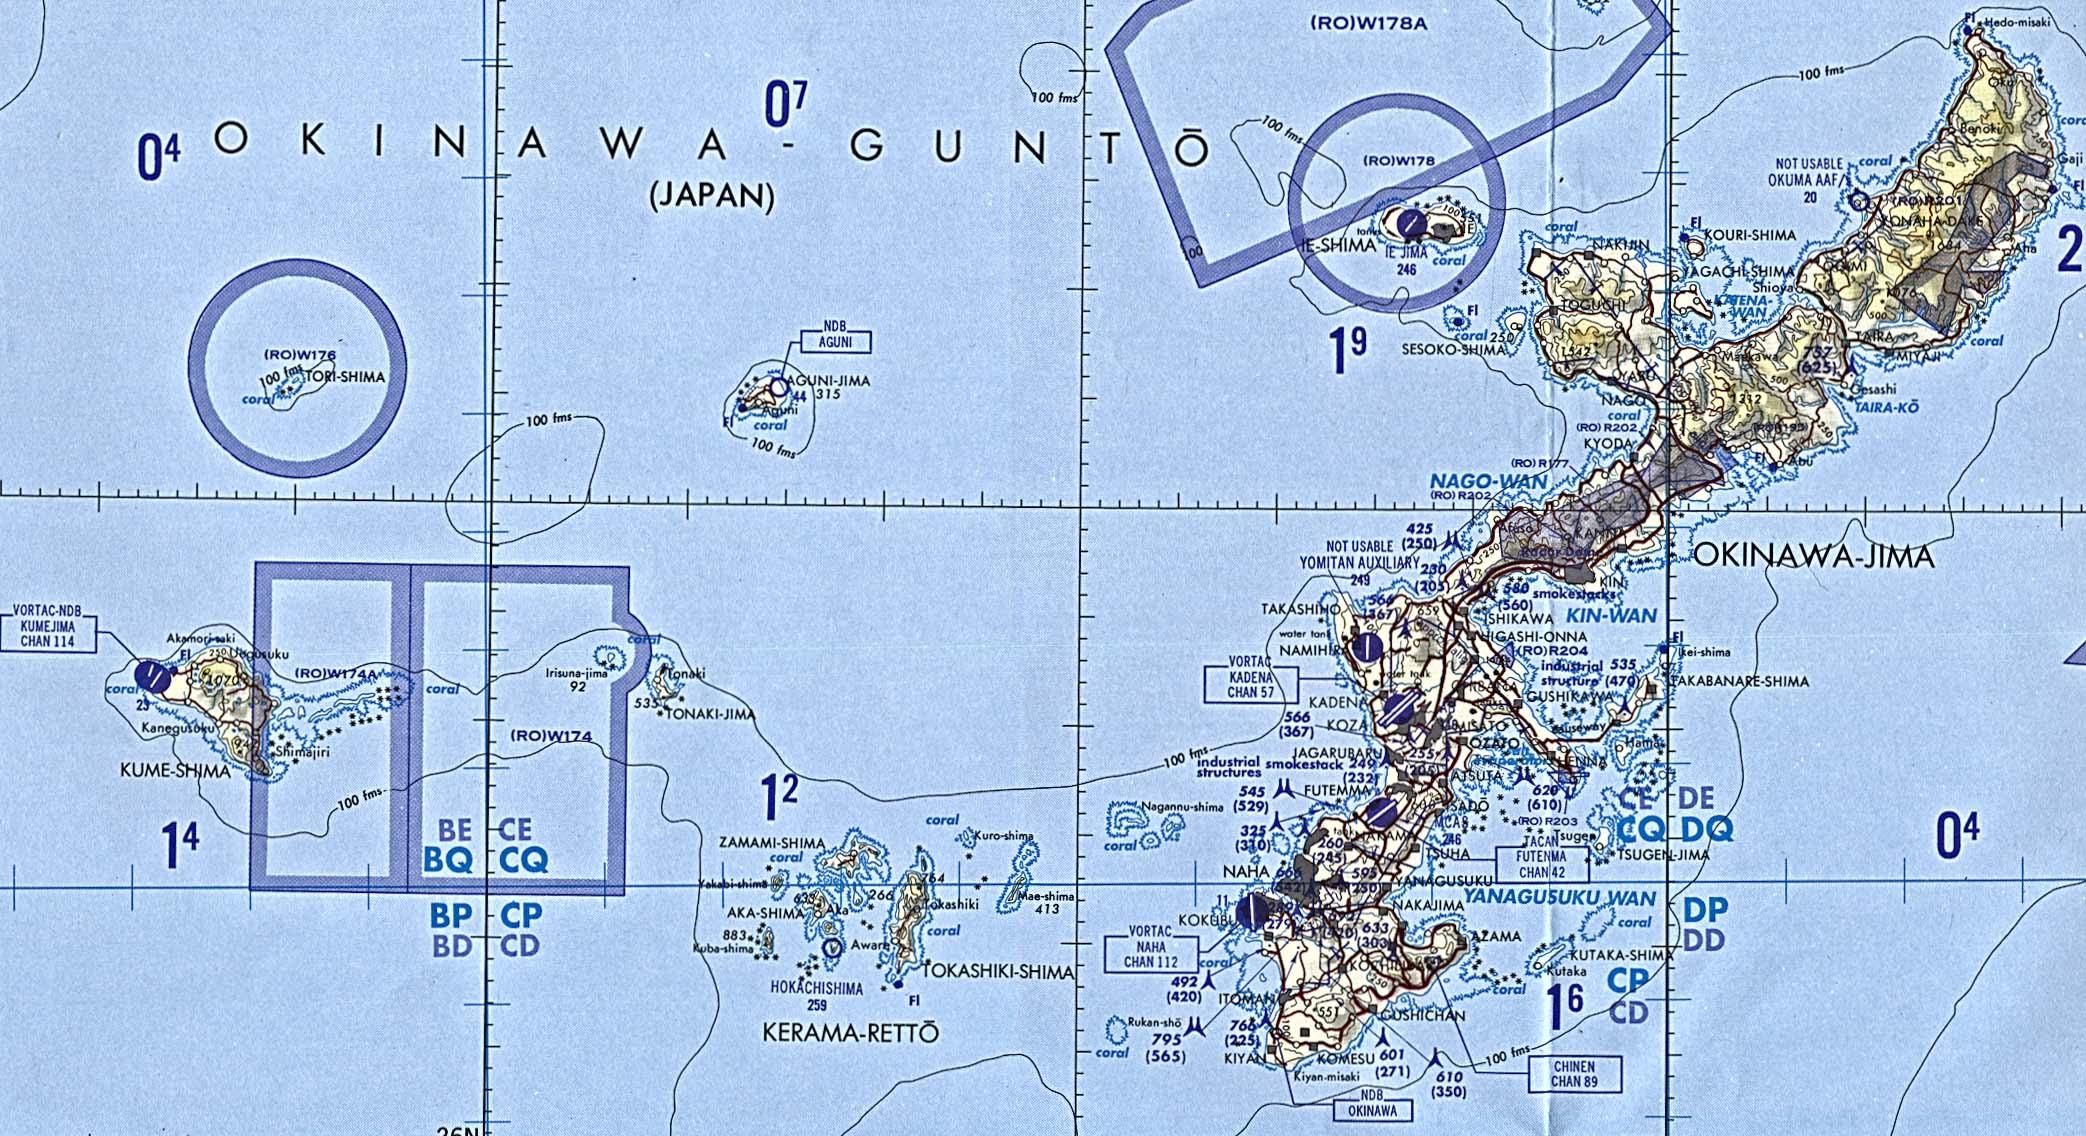 Carta Aeronáutica de Okinawa, Japón